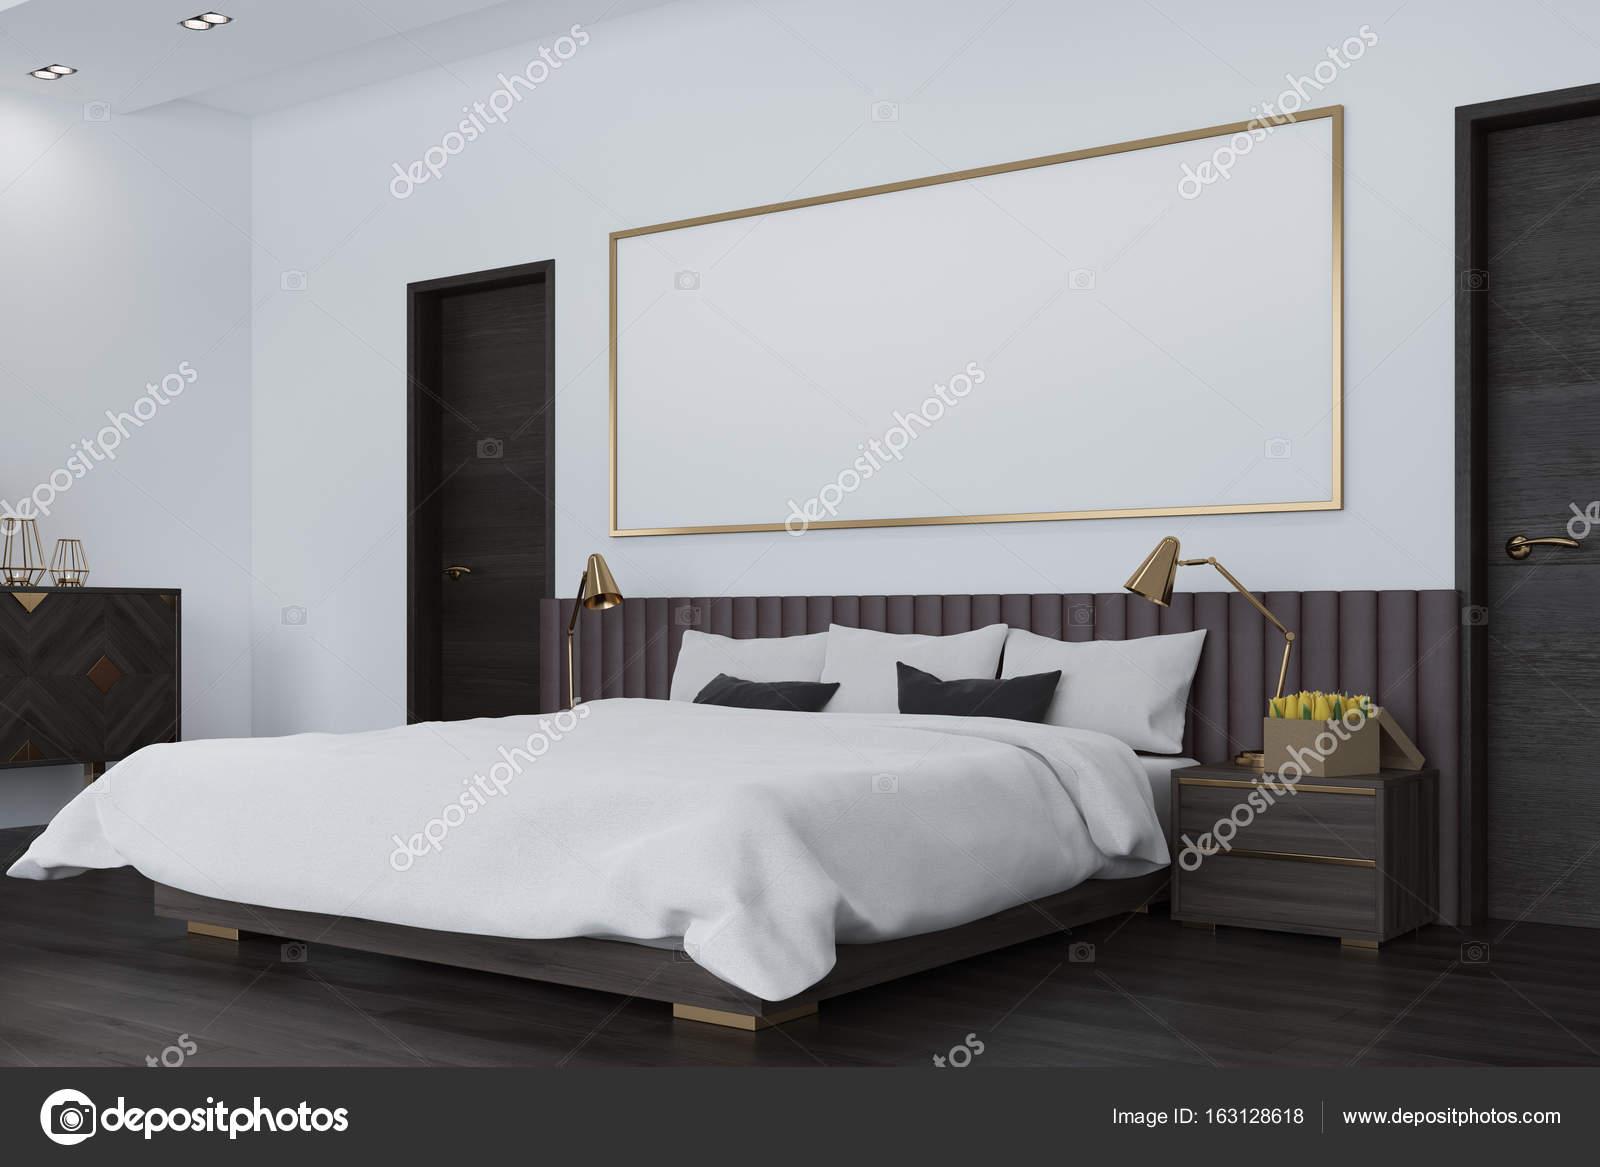 schlafzimmer einrichten dunkel bettw sche kaeppel biber schlafzimmer design ideen fliesen star. Black Bedroom Furniture Sets. Home Design Ideas